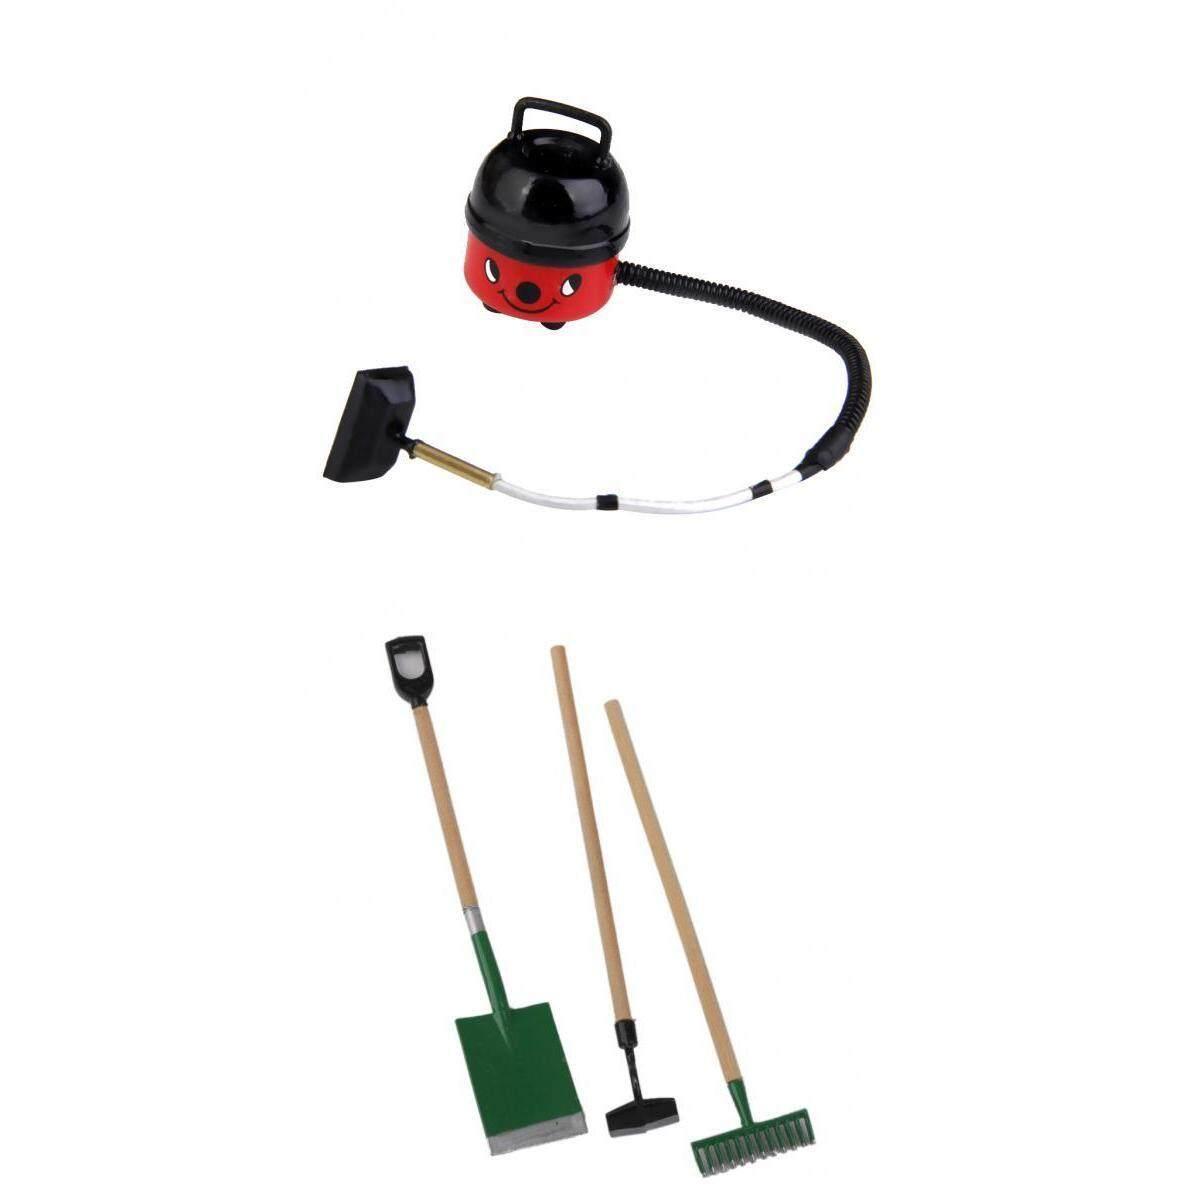 Magideal 3 Pieces Taman Tools + Lucu Merah Plastik Kekosongan Pembersih untuk 1/2 Rumah Boneka Miniatur Aksesoris-Internasional